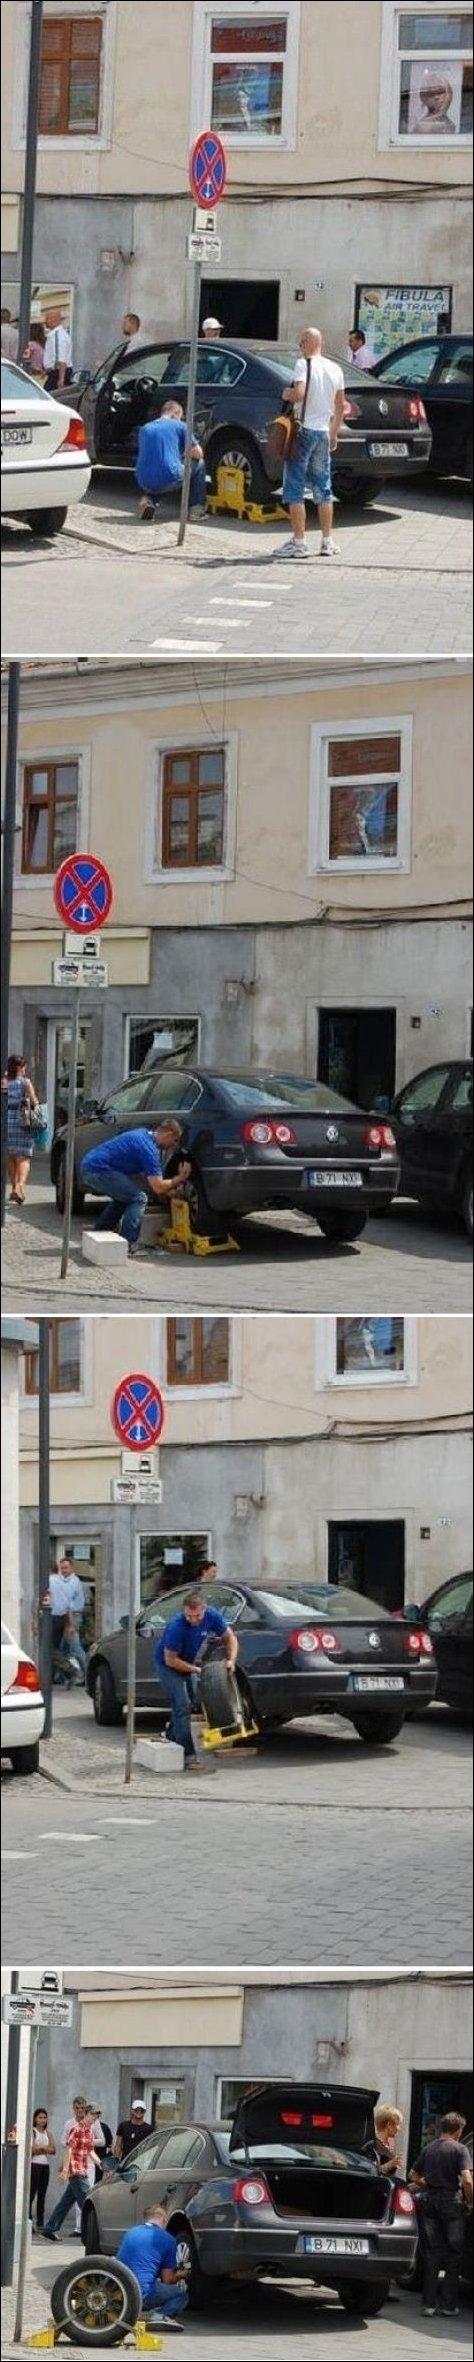 Тем временем в Румынии